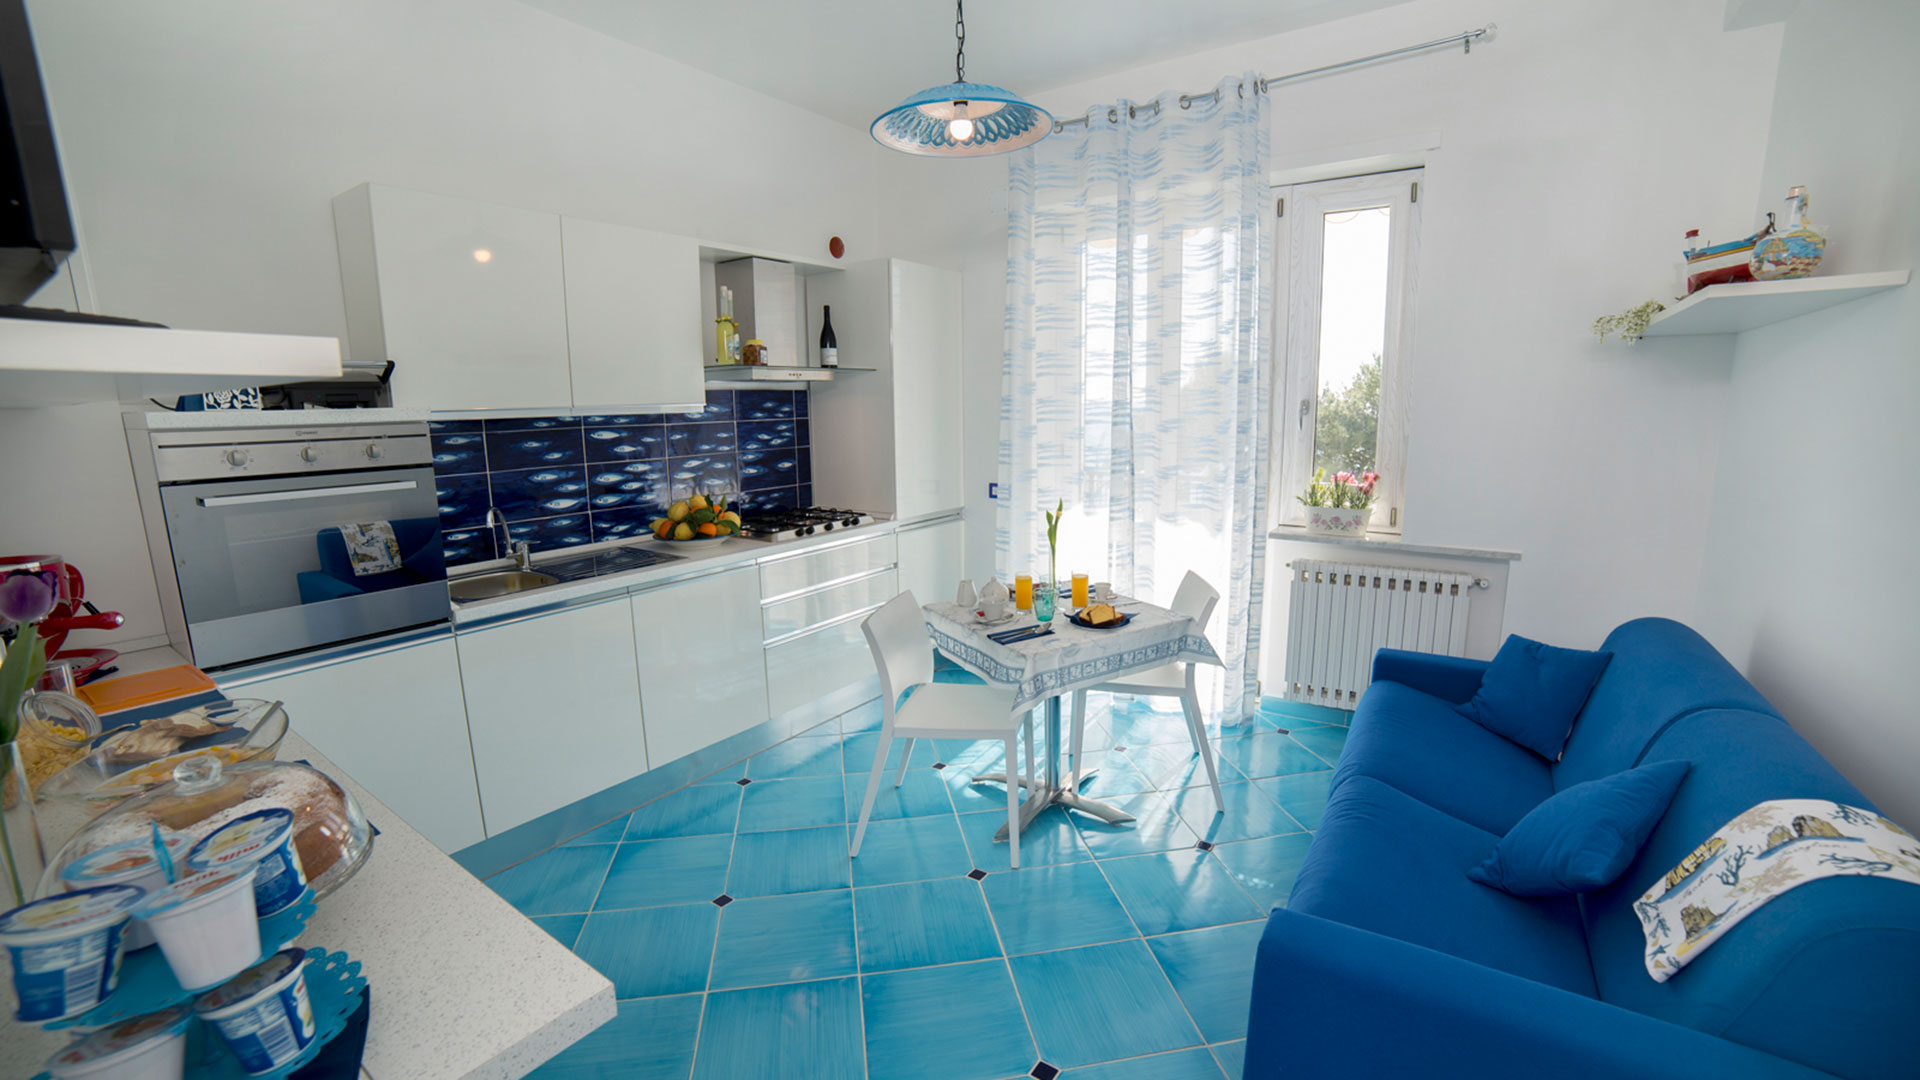 Dormire soggiorni e vacanze b b bed and breakfast a for Soggiorno costiera amalfitana